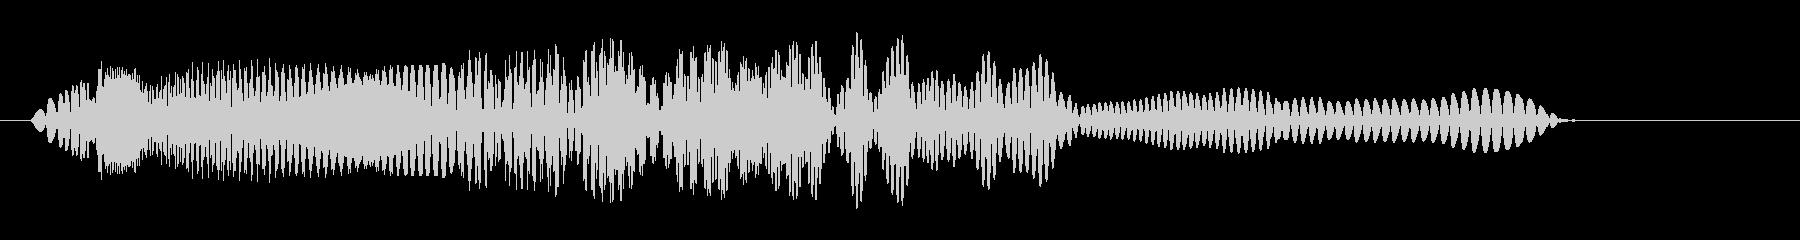 ピューン(鋭い発射音)の未再生の波形